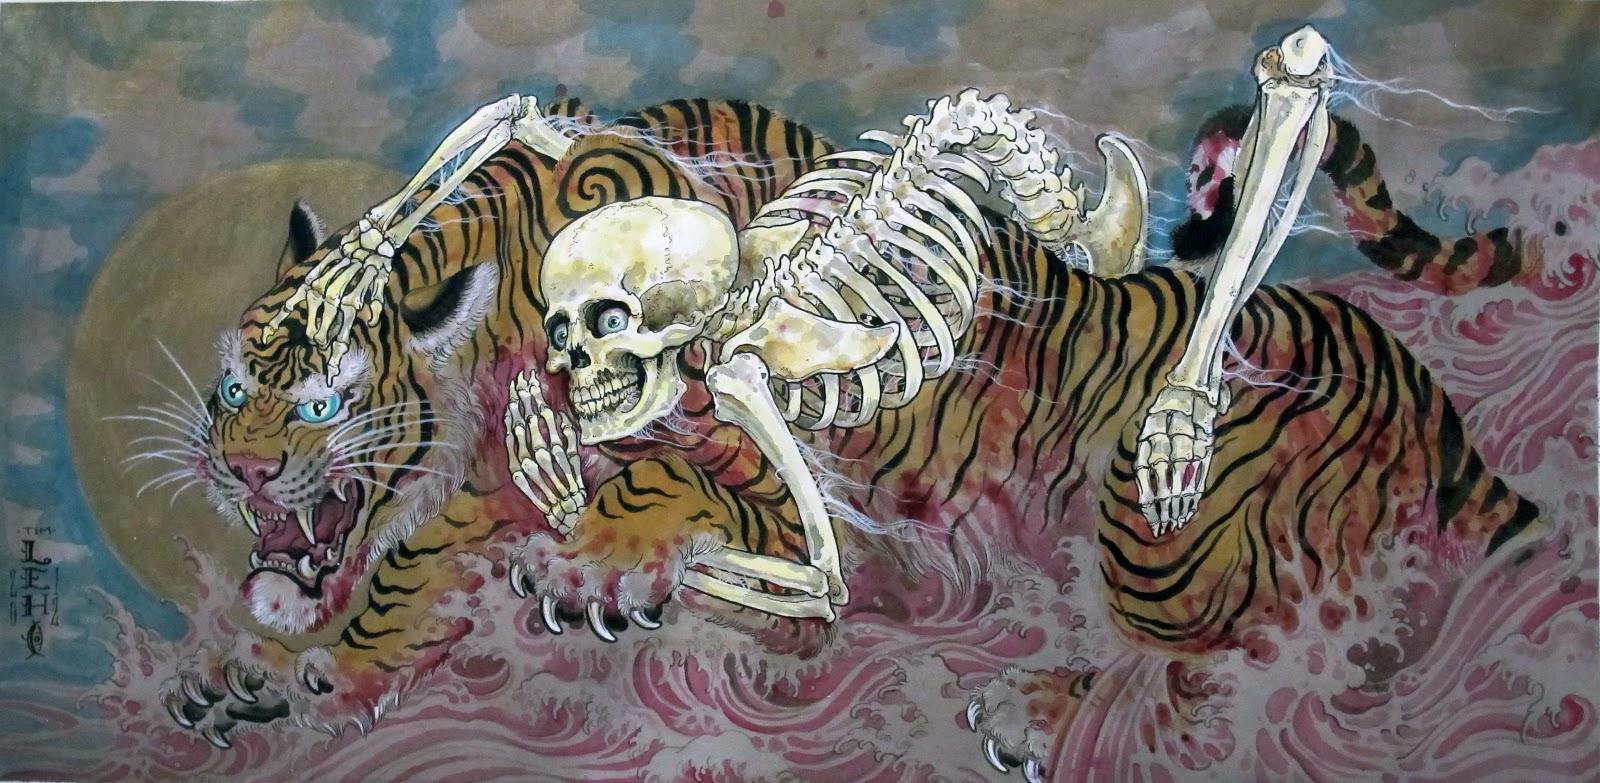 Tim Lehi Death Wealding A Tiger By Tim Lehi